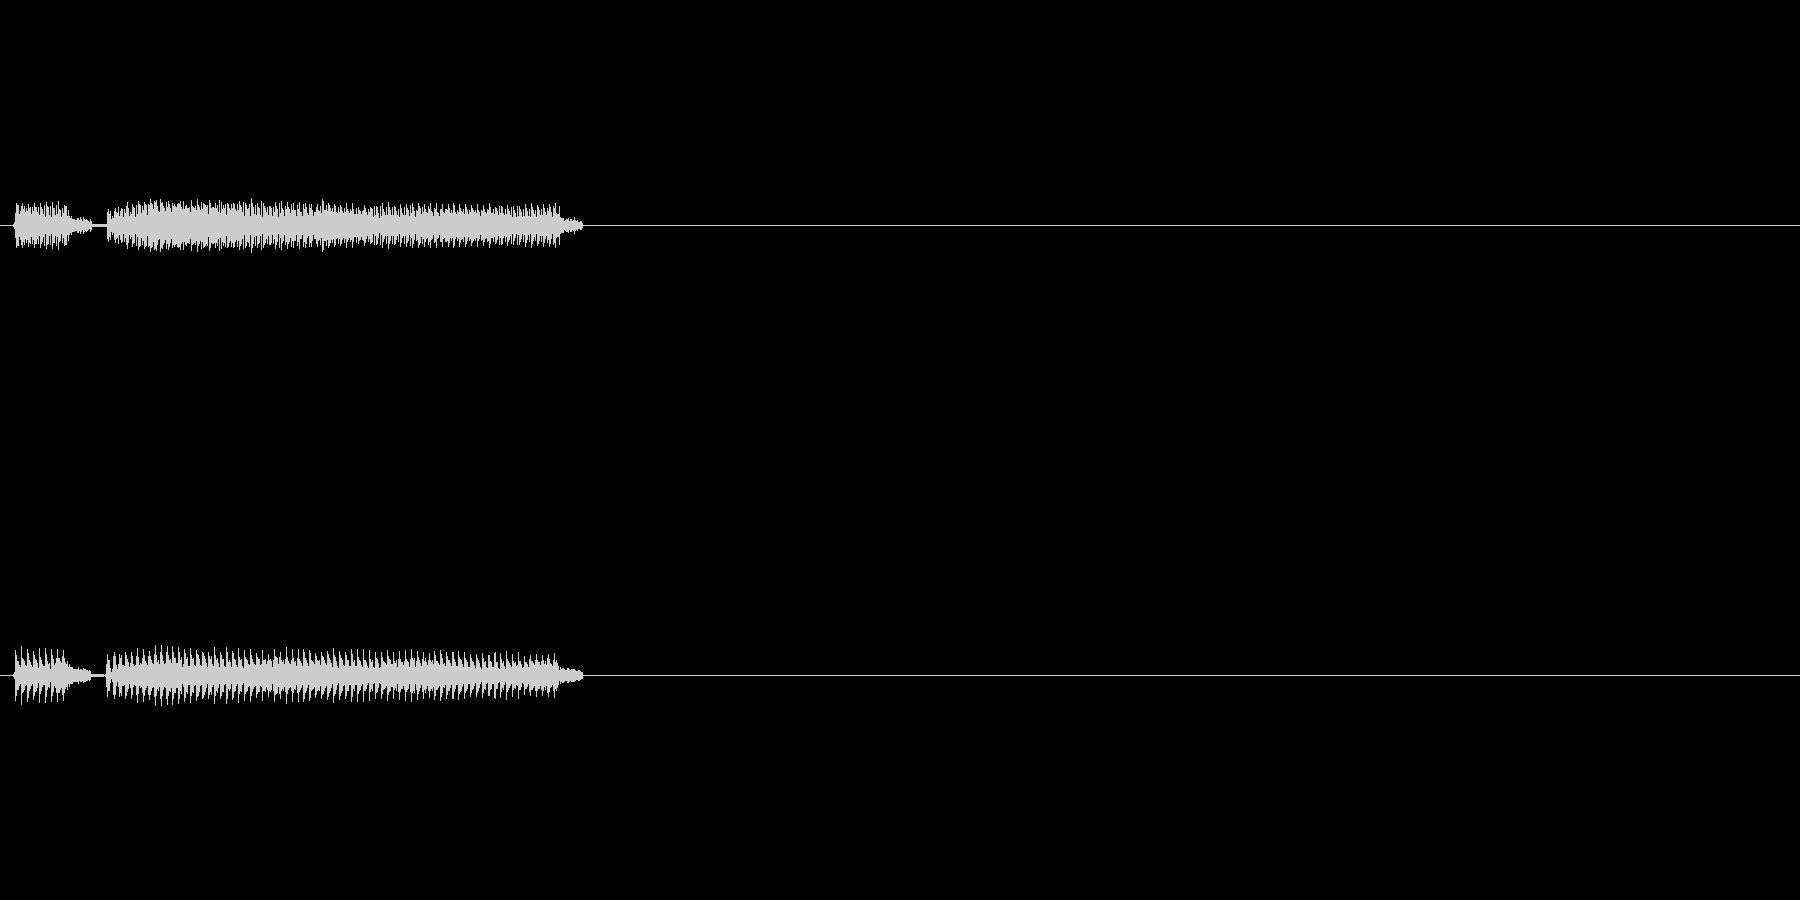 クイズ不正解2の未再生の波形